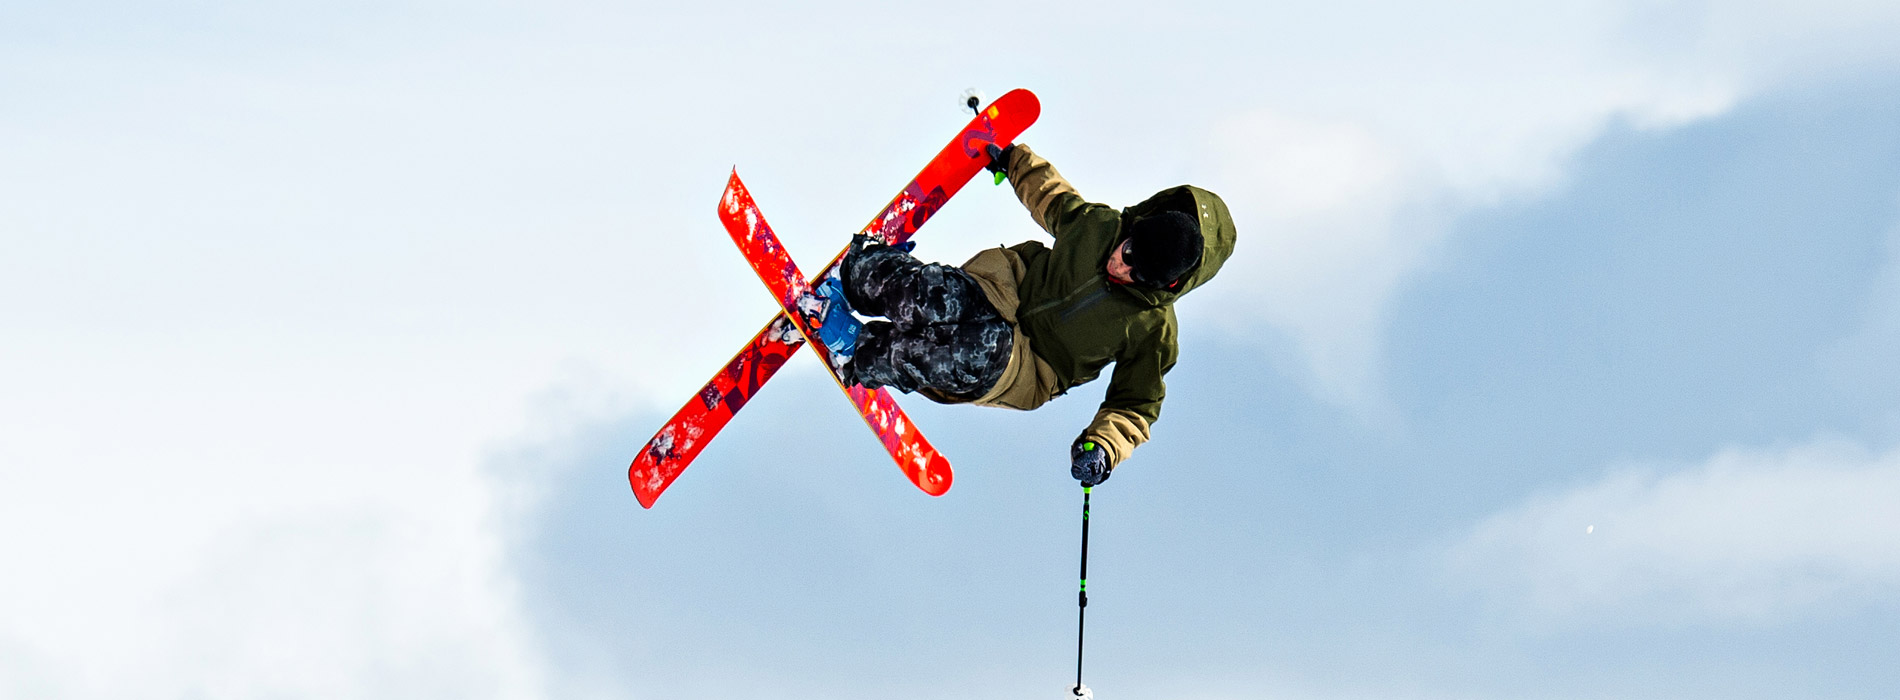 noleggio_sci_snowboard_cortina_d_ampezzo_sci-015